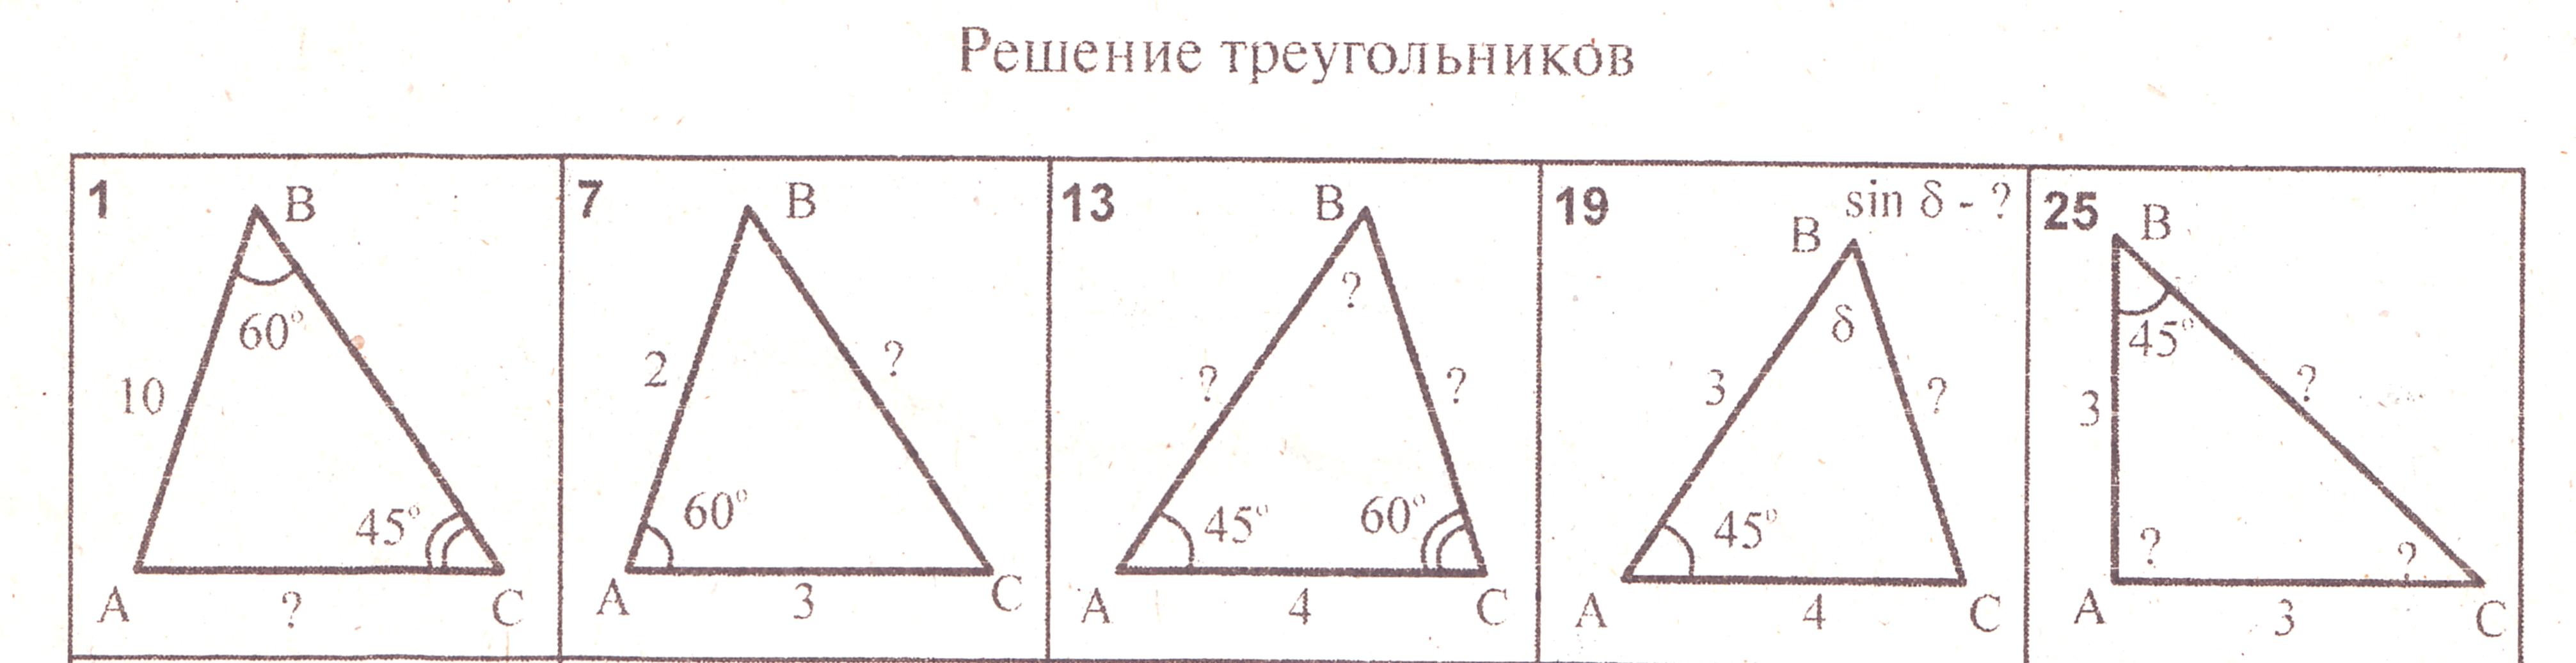 Решения треугольников 9 класс задачи с решениями информационные технологии в решении инженерных задач